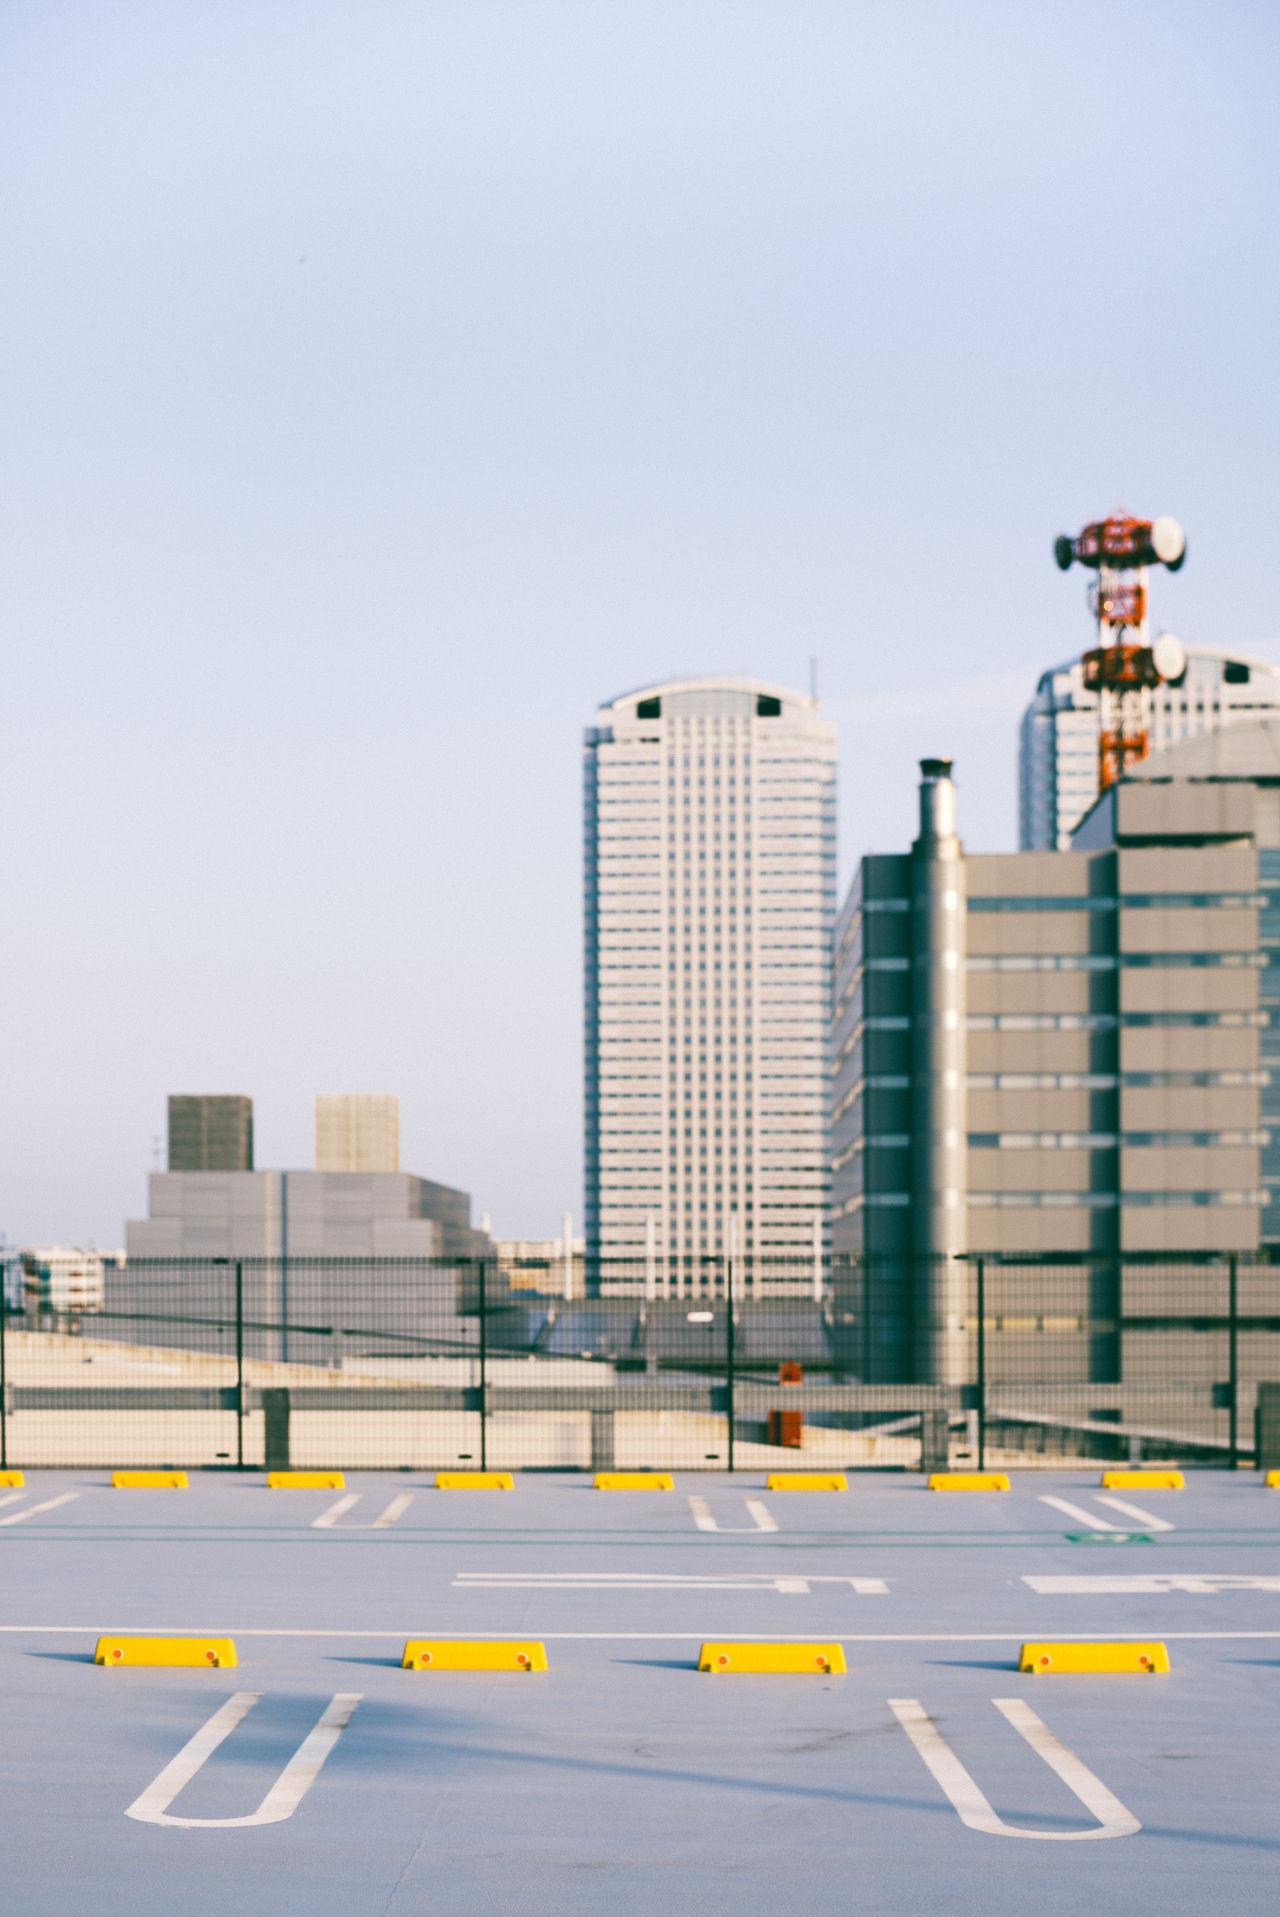 architecture, building exterior, built structure, city, skyscraper